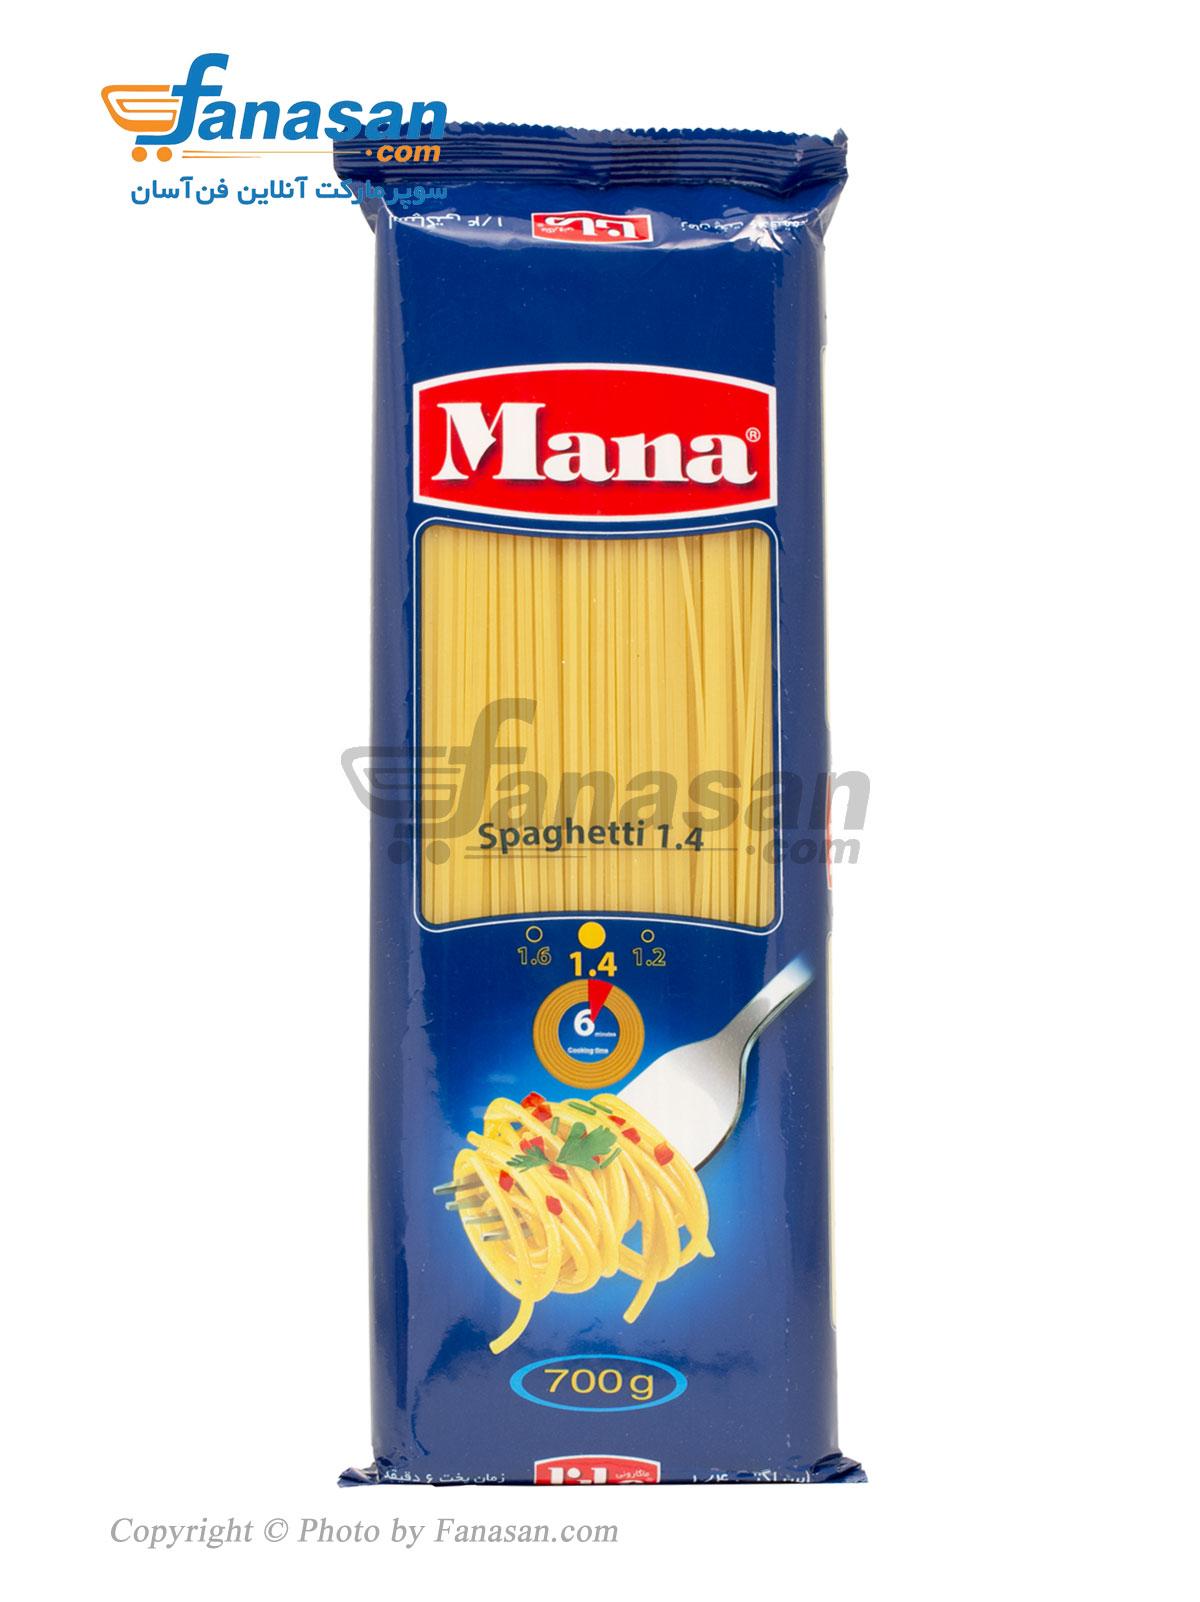 اسپاگتی 1/4 مانا با آرد سمولینا 700 گرم